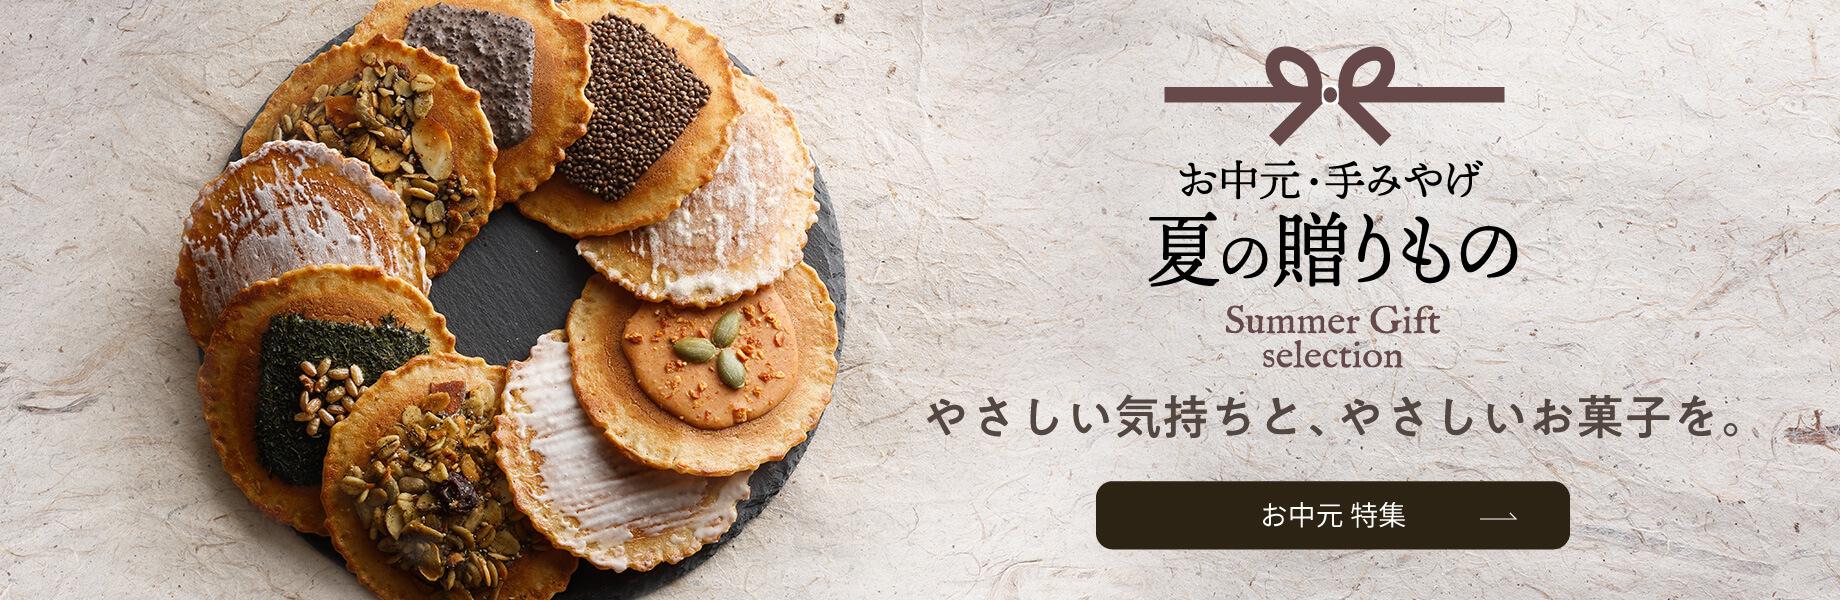 井之廣製菓舗のお歳暮特集